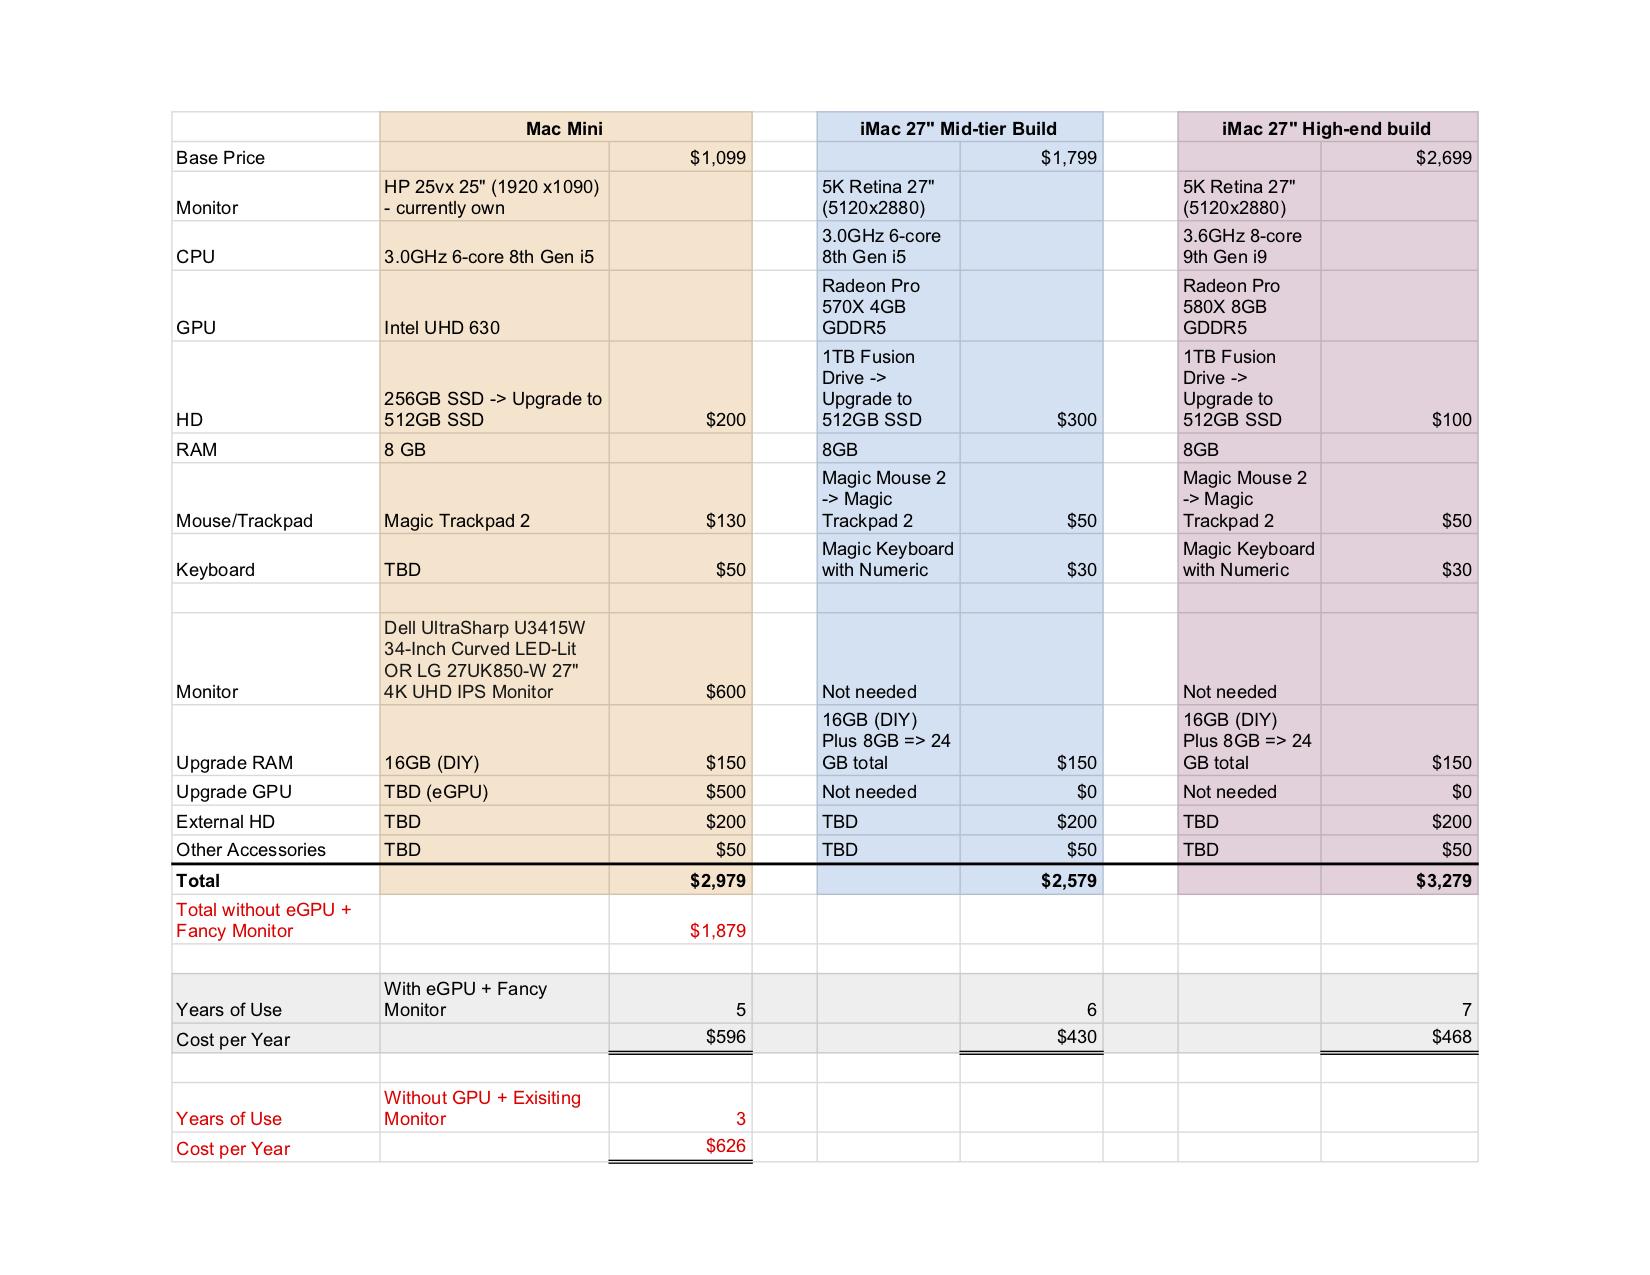 Mac Purchasing Analysis 2019 - Sheet1.jpg